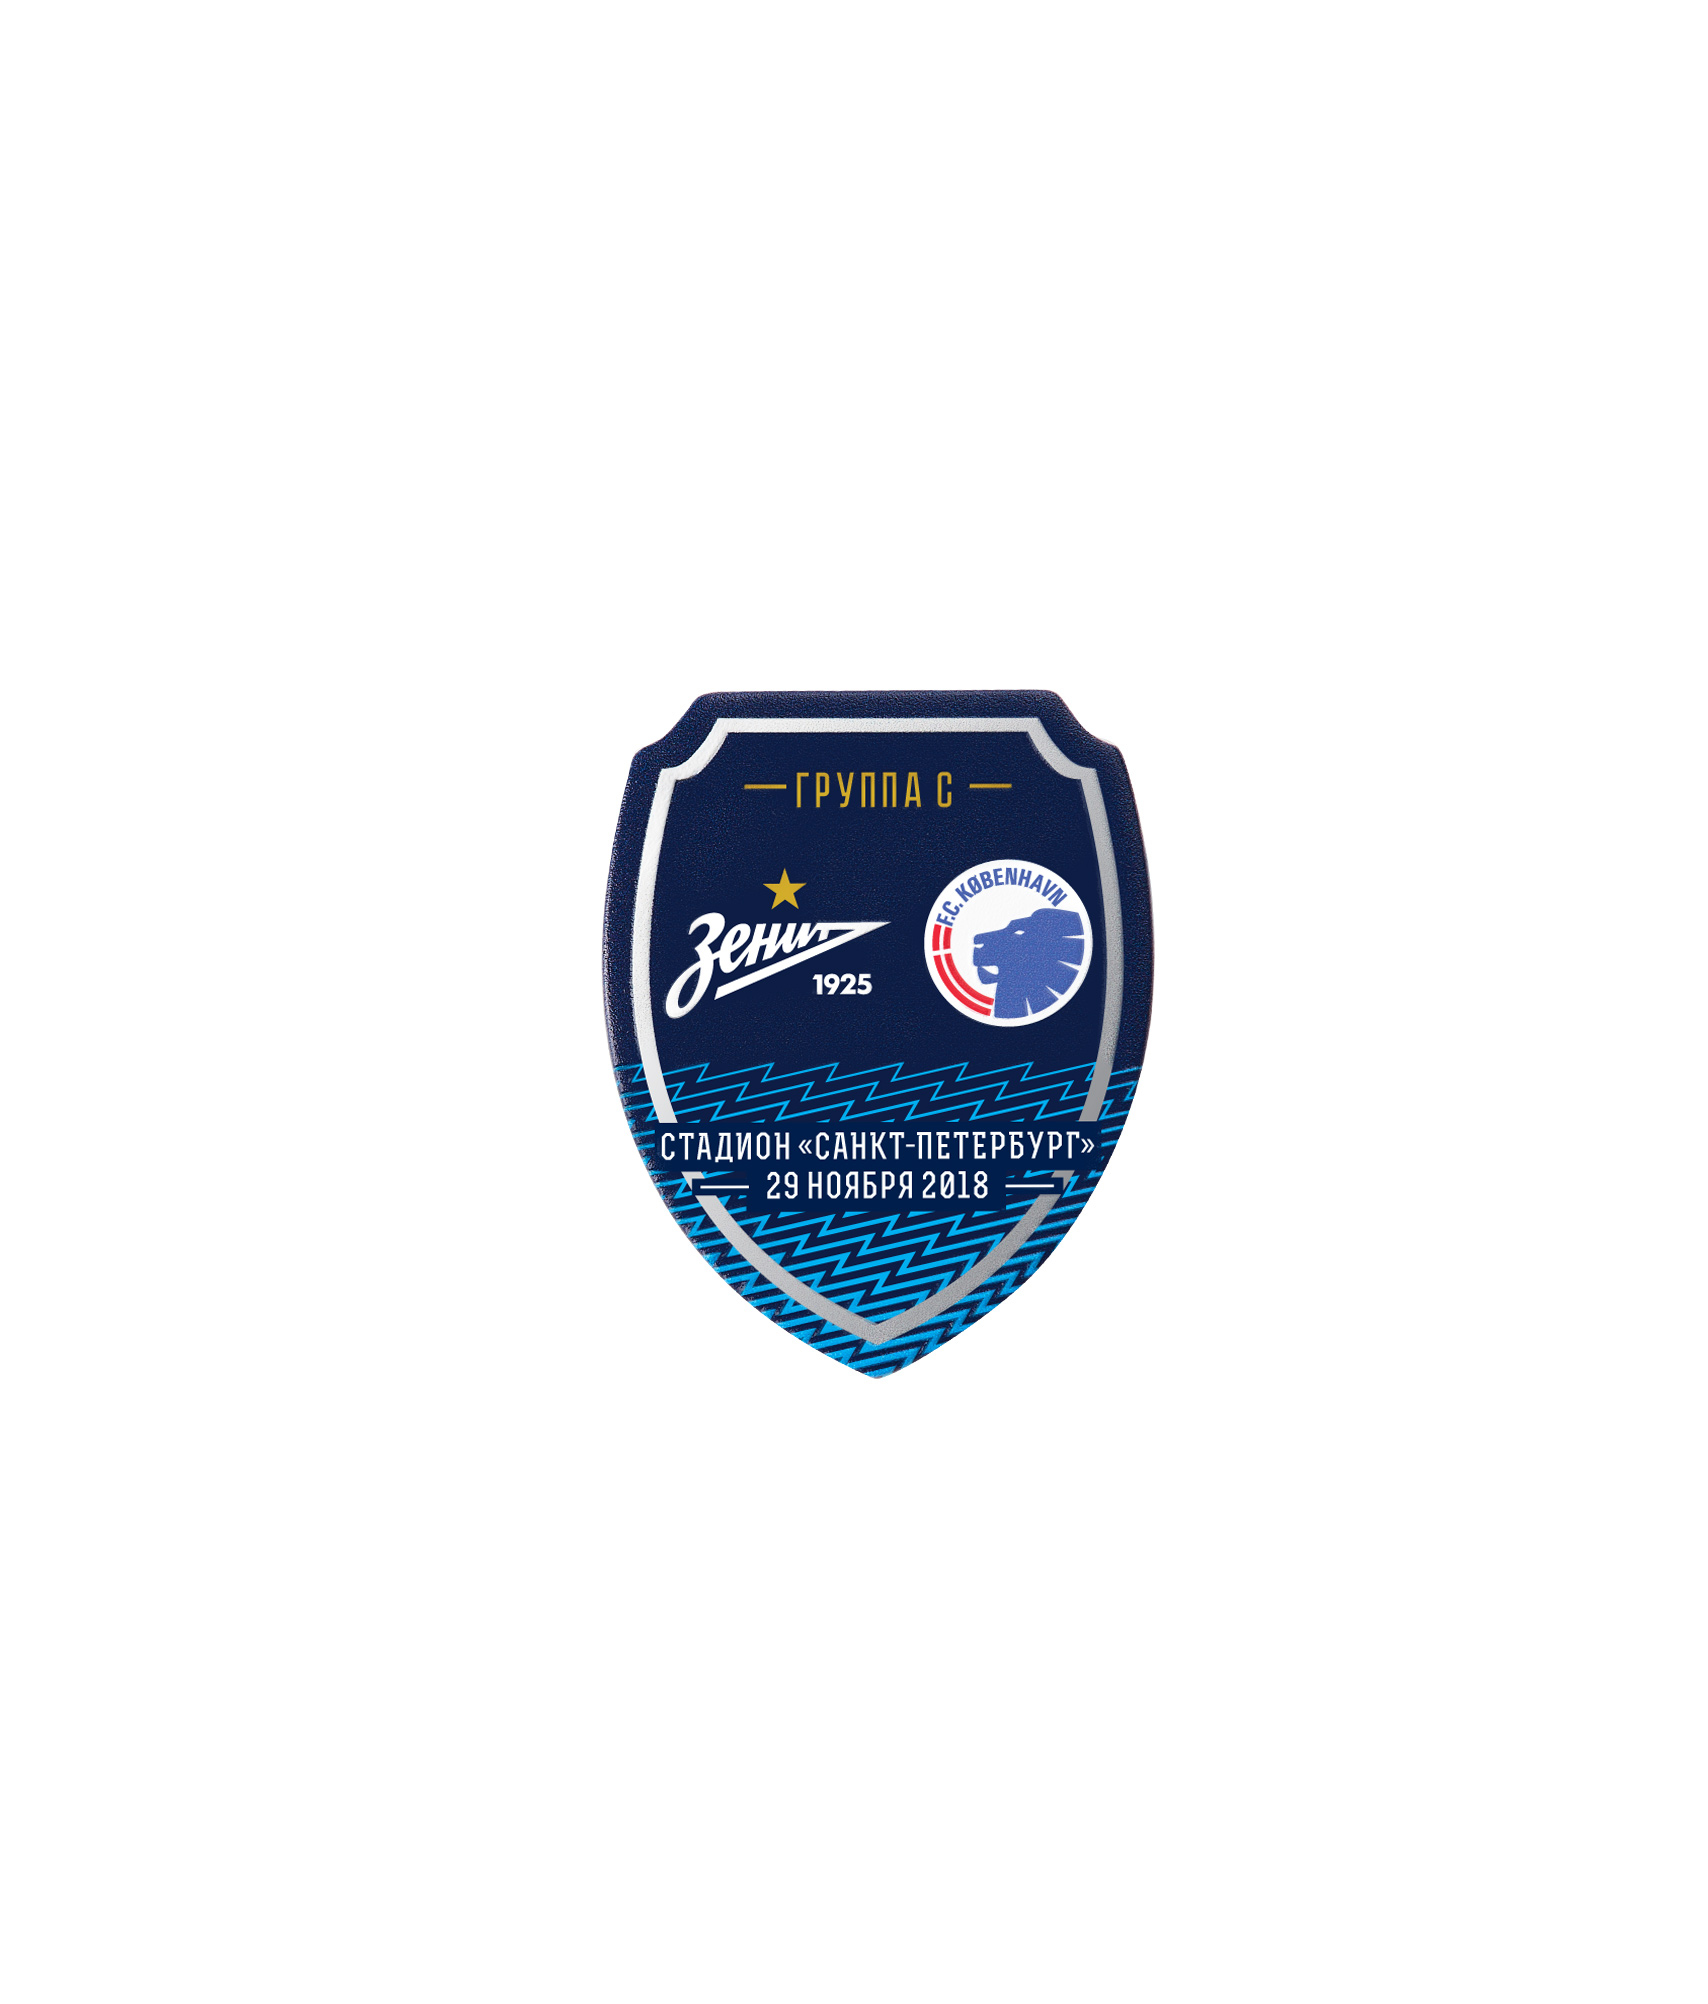 Значок матчевый «Зенит-Копенгаген» 29.11.2018 Зенит значок закатной эмблема чемпионата мира 2018 зенит